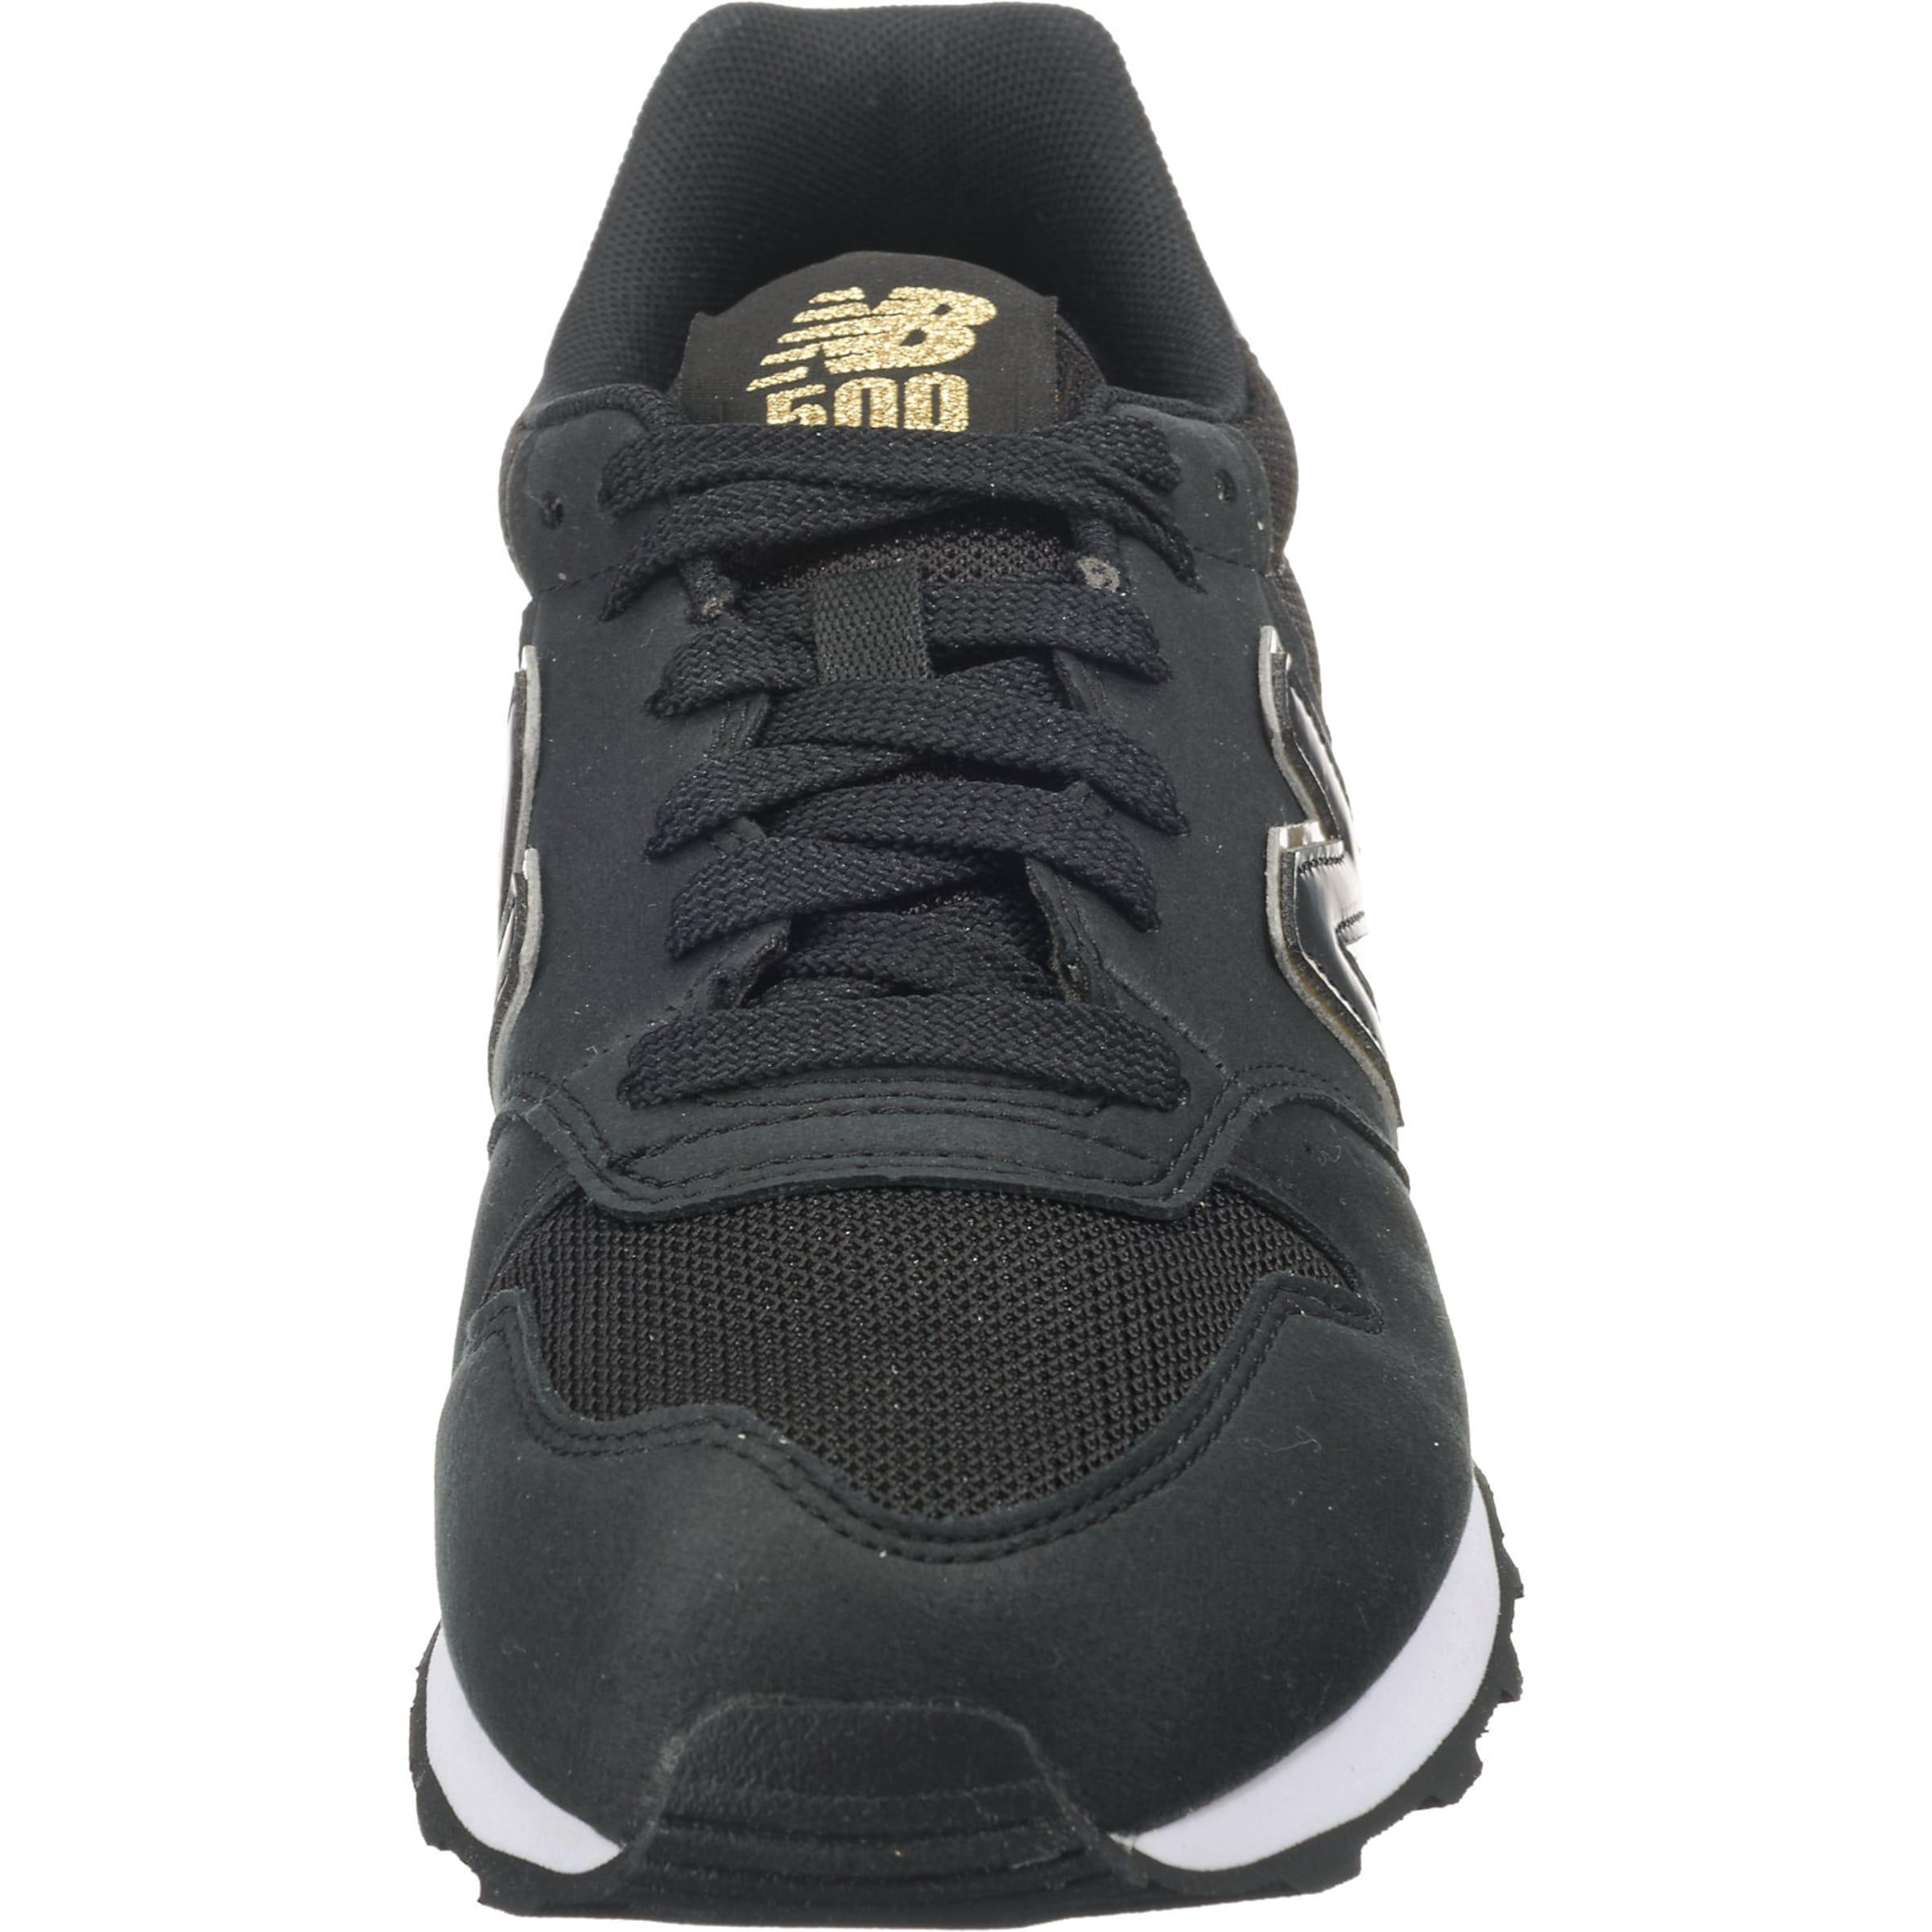 Günstig Kaufen Aus Deutschland Sehr Günstig Online new balance Sneaker 'GW500-KGK-B' 2018 Günstig Online yEvrOTyr